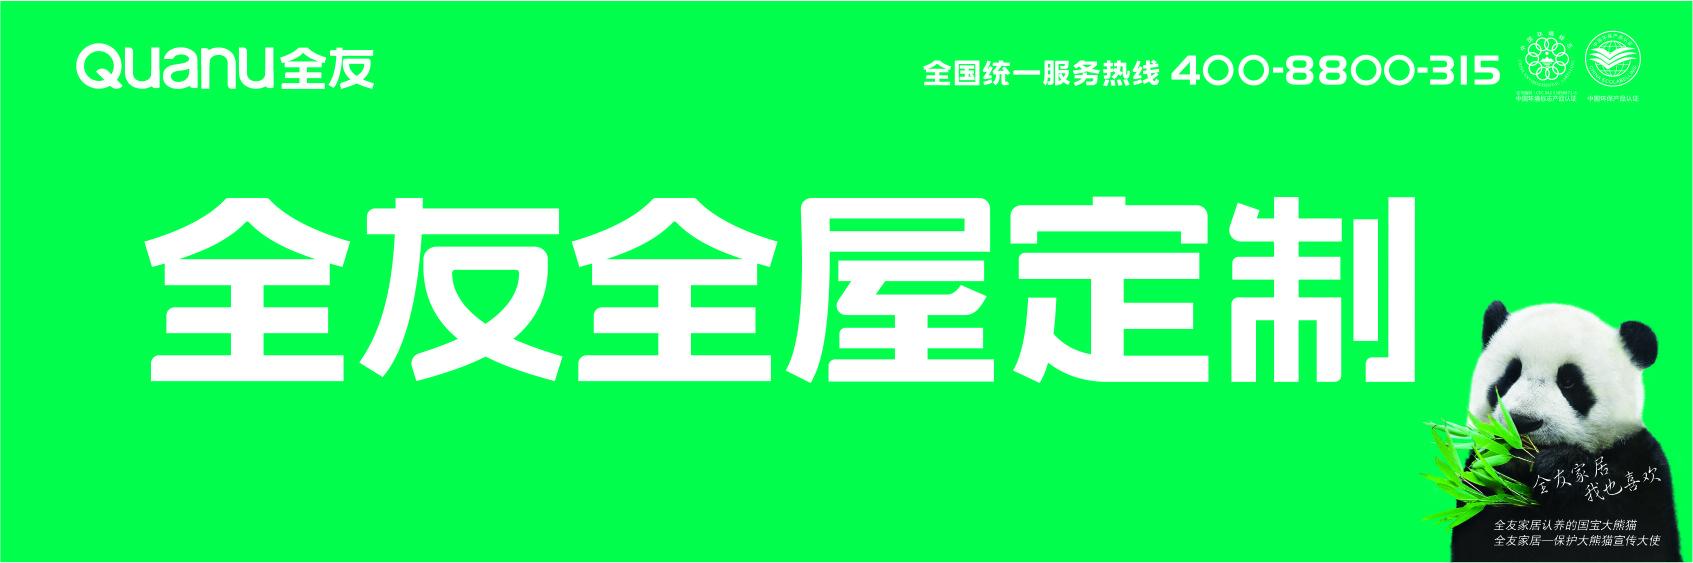 乐安县全友家居直营店